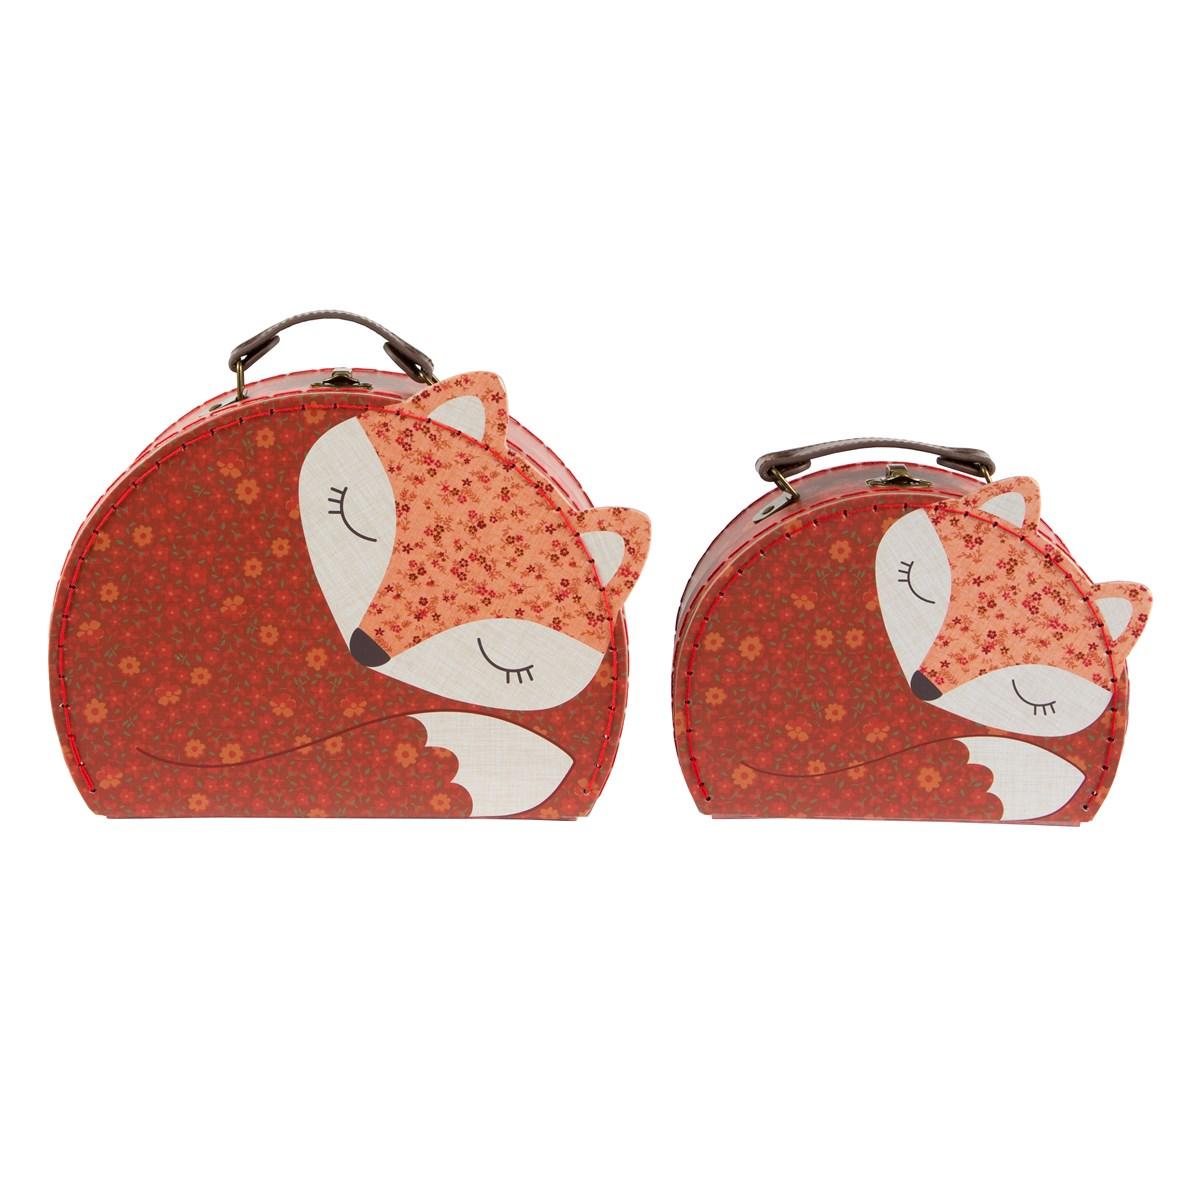 Kartonový kufřík Liška - menší